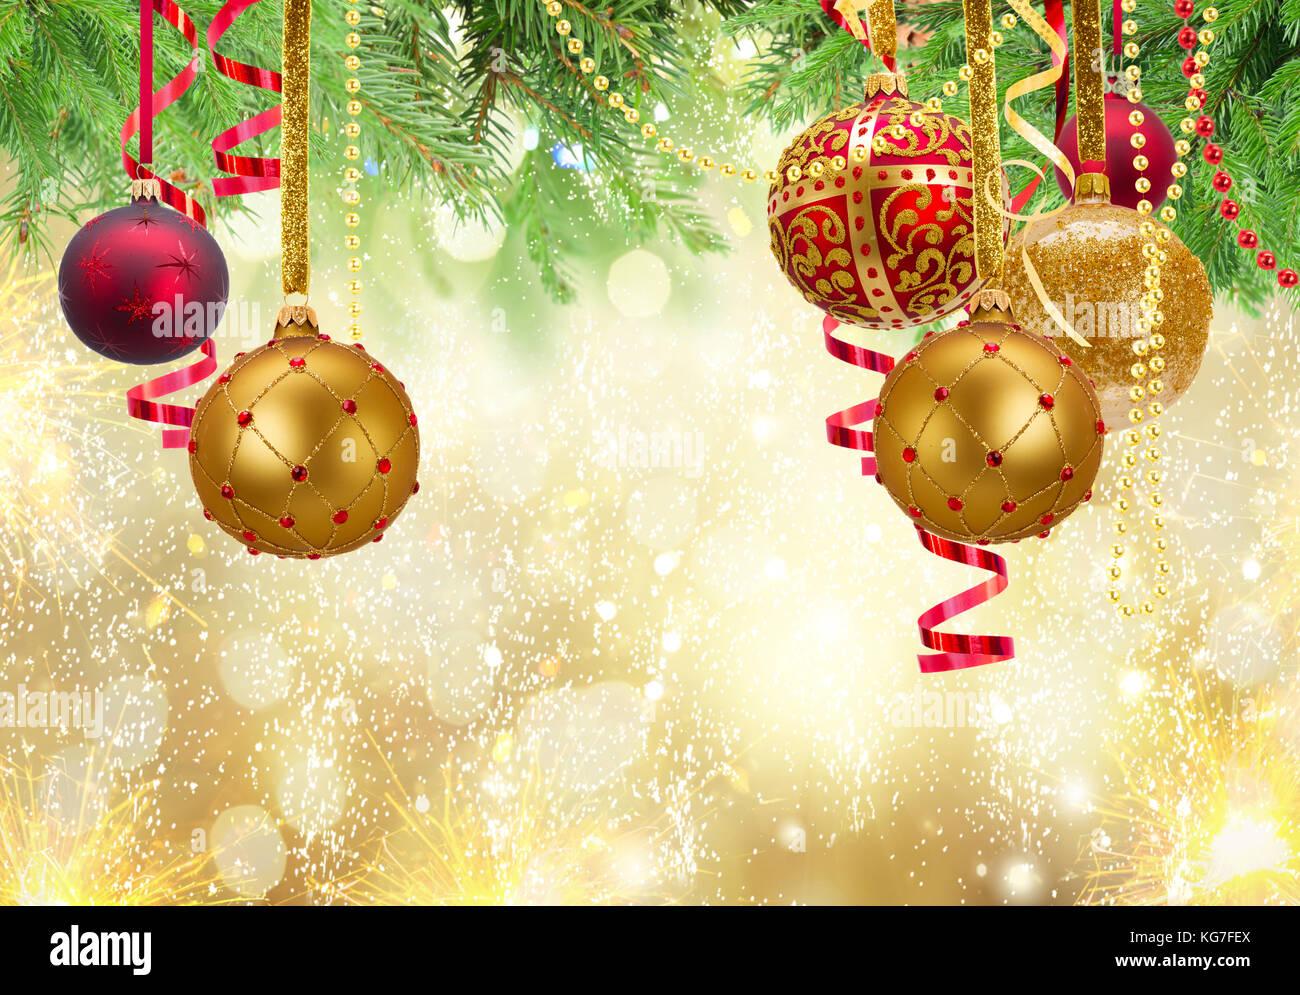 Christmas Ball Garlands.Red And Golden Christmas Balls Garland And Evergreen Fir